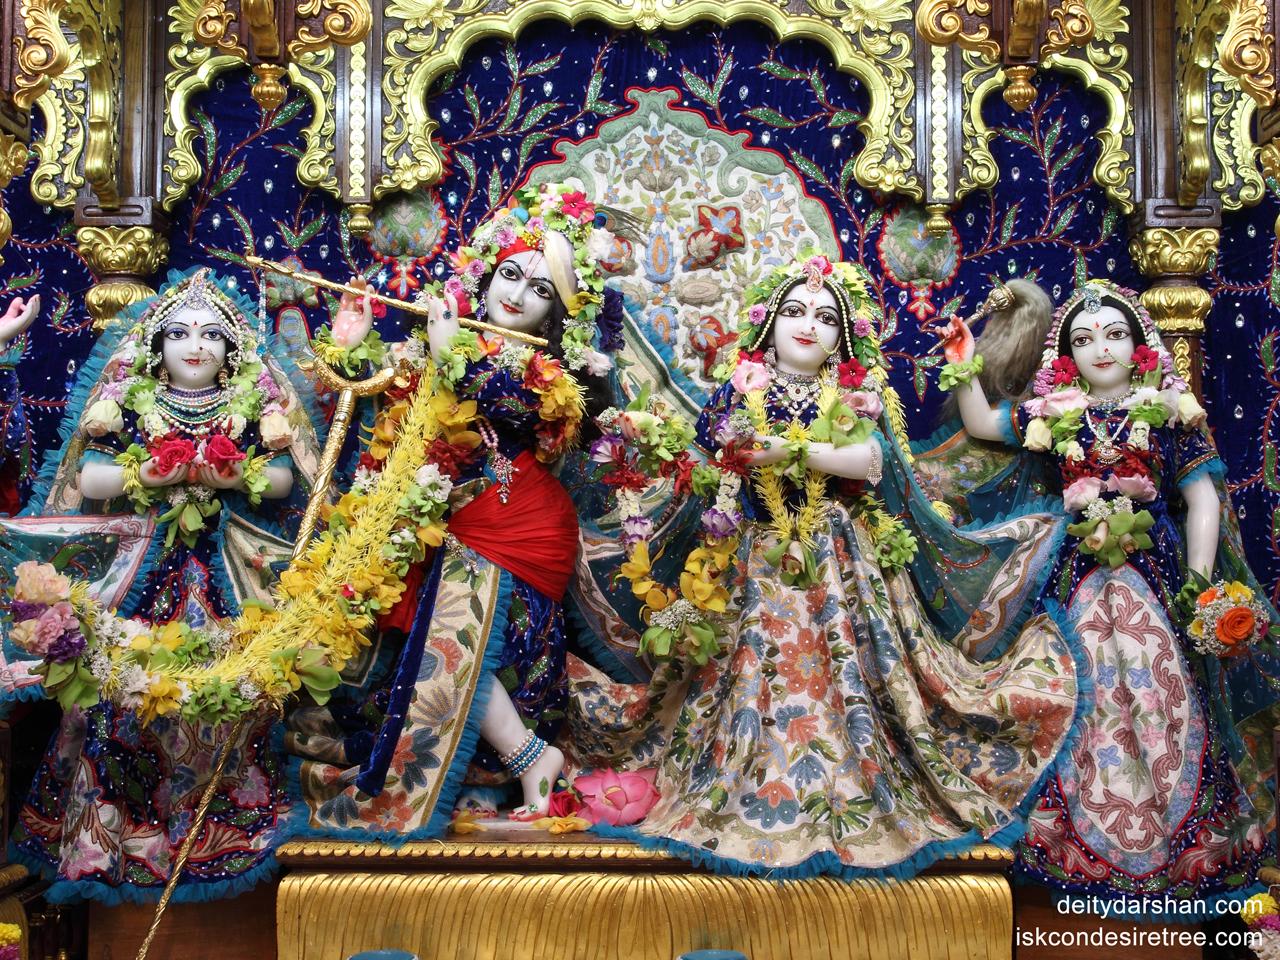 Sri Sri Radha Gopinath Lalita Vishakha Wallpaper (018) Size 1280x960 Download